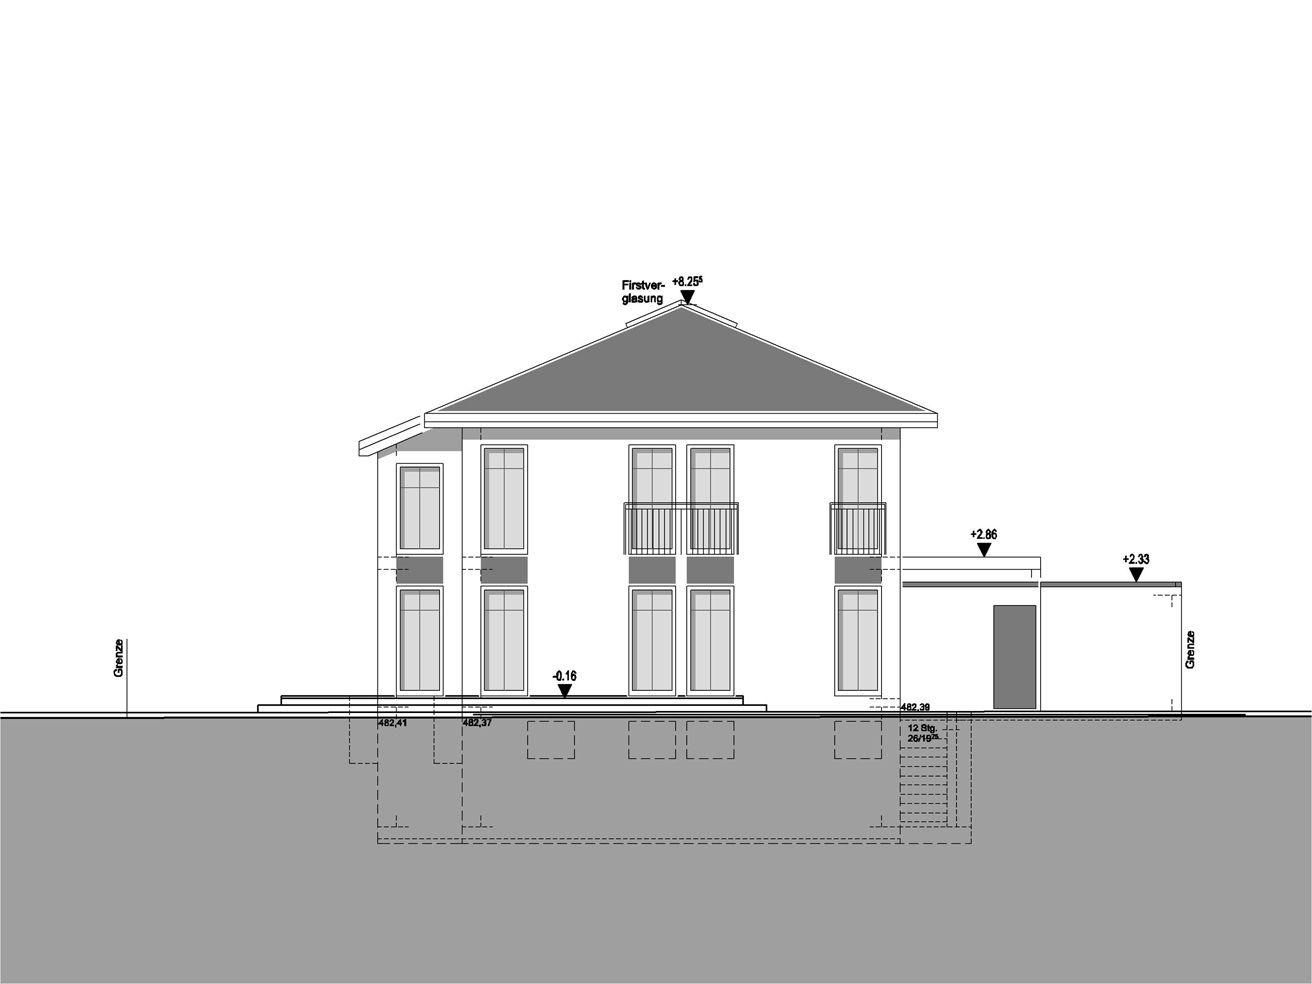 Traufhöhe Stadtvilla 2p raum de portfolio aktuell in planung 2p raum architekten